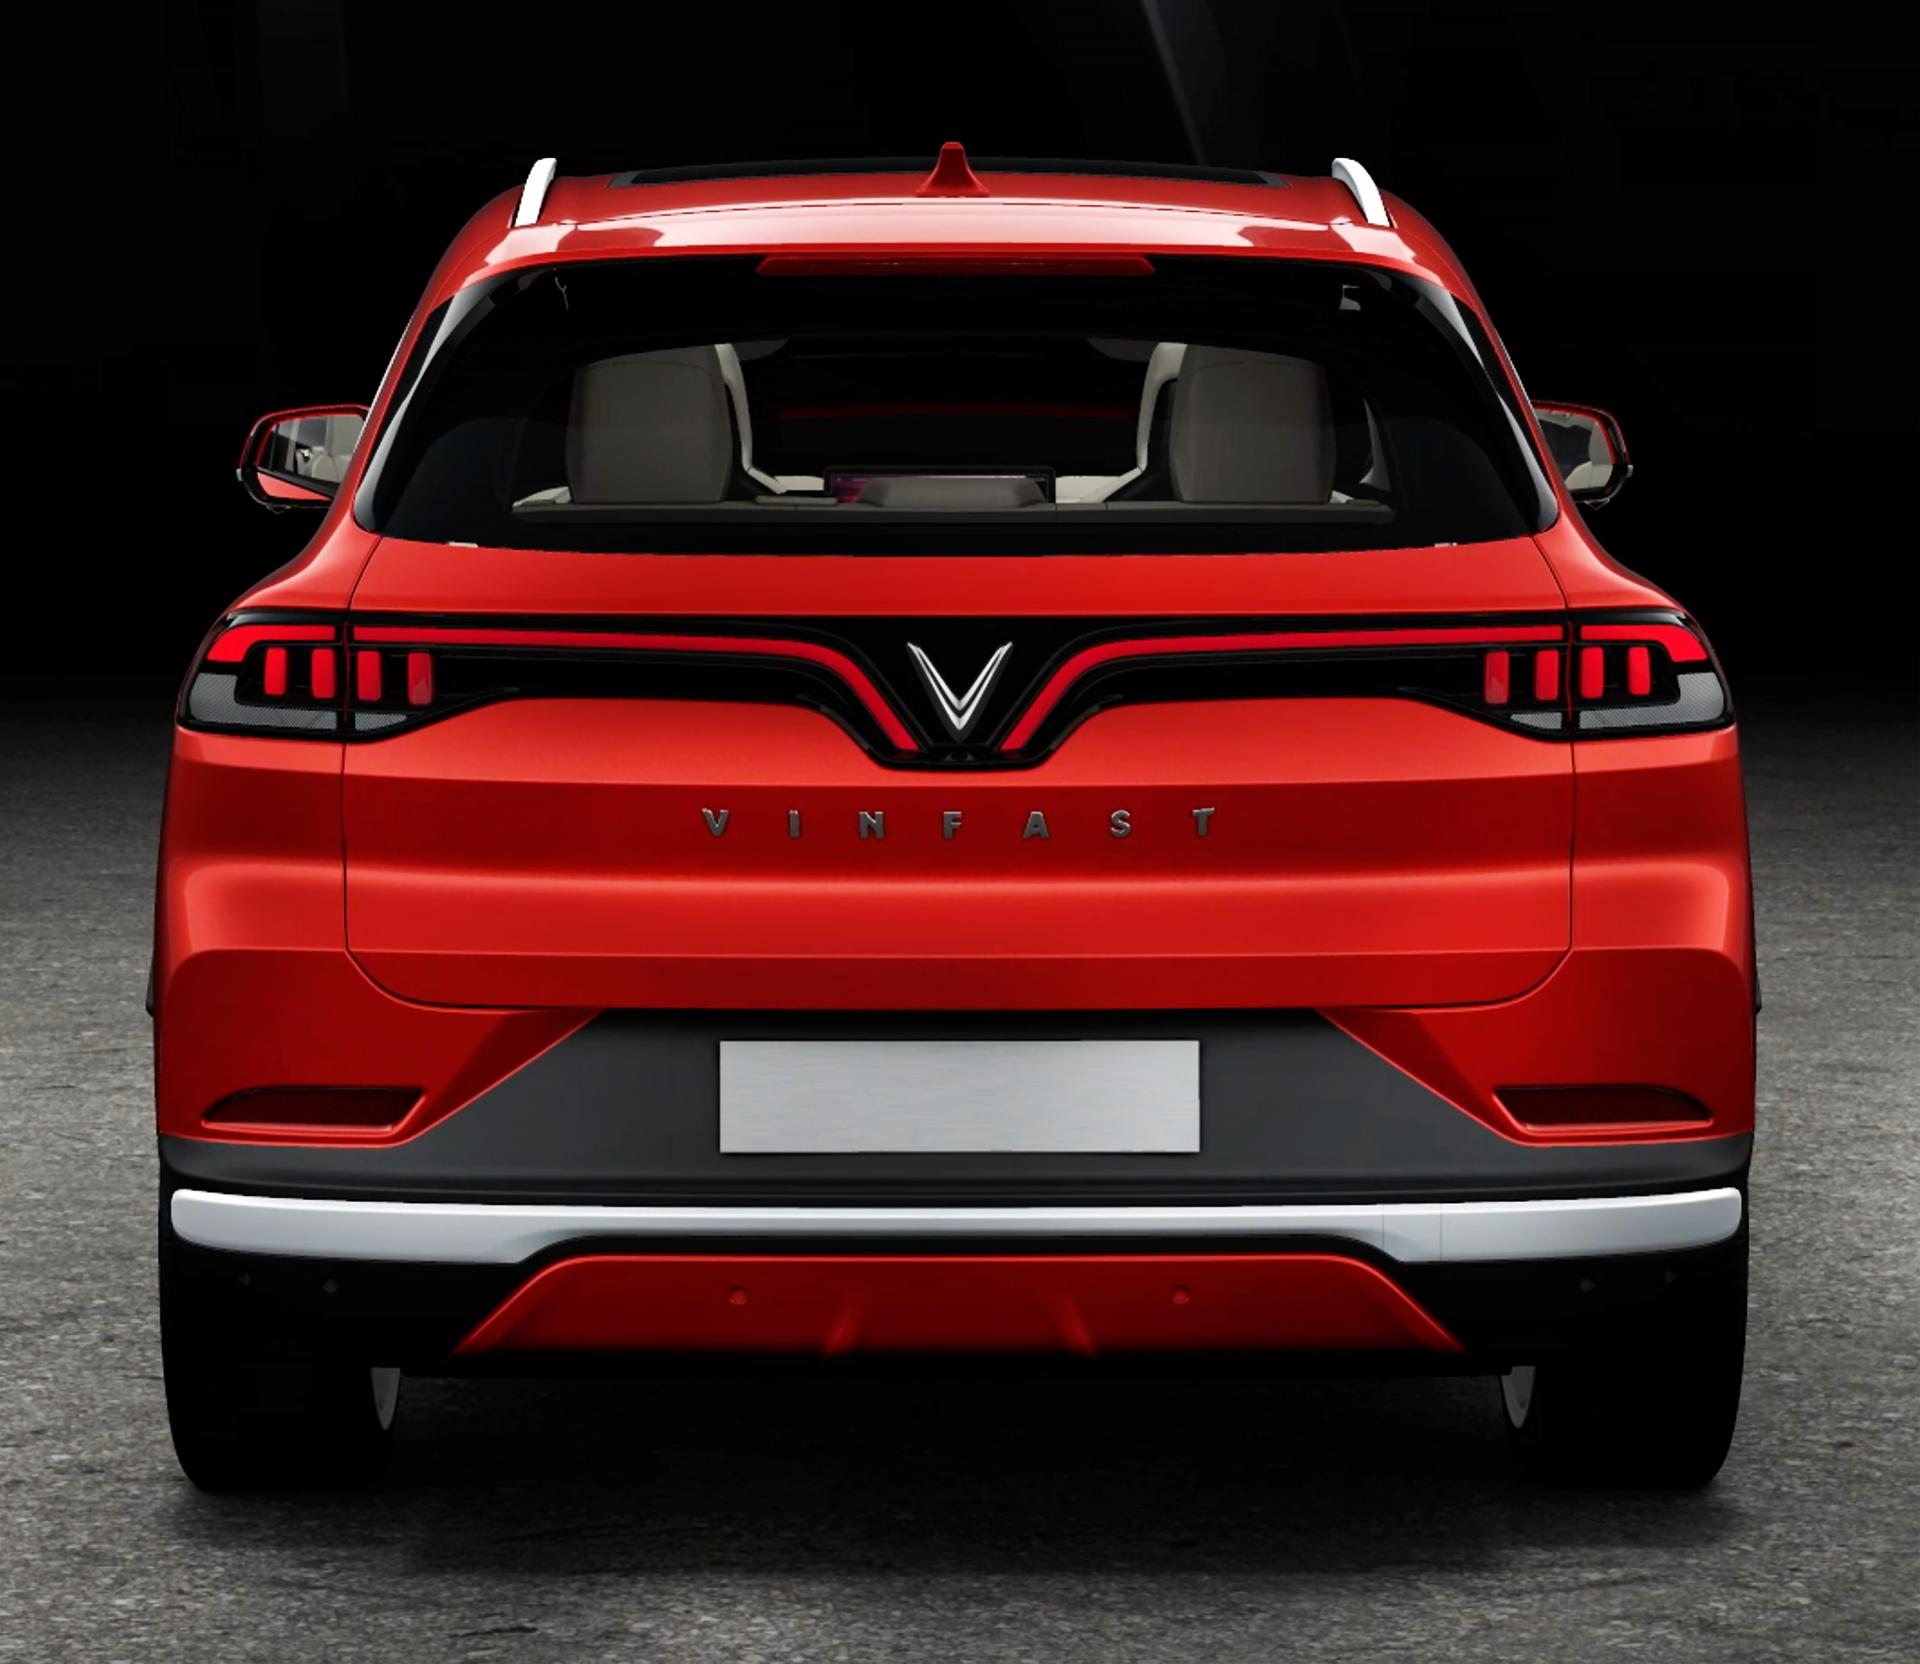 VinFast ra mắt 3 dòng ô tô điện tự lái - Khẳng định tầm nhìn trở thành hãng xe điện thông minh toàn cầu 6